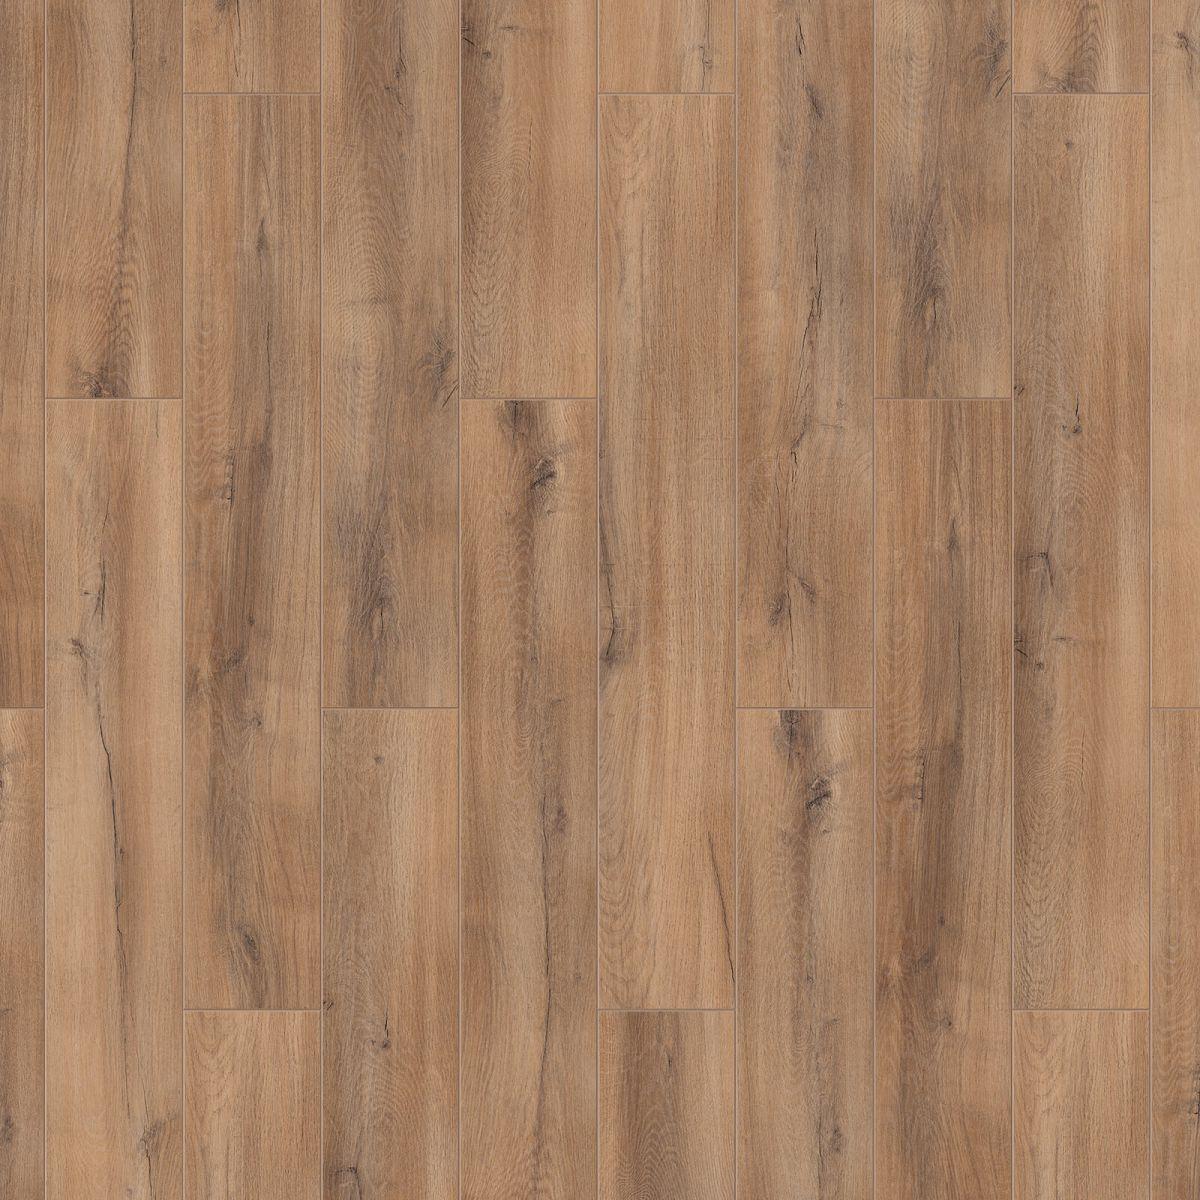 Ламинат Taiga Первая Сибирская 1032 Дуб темно-коричневый